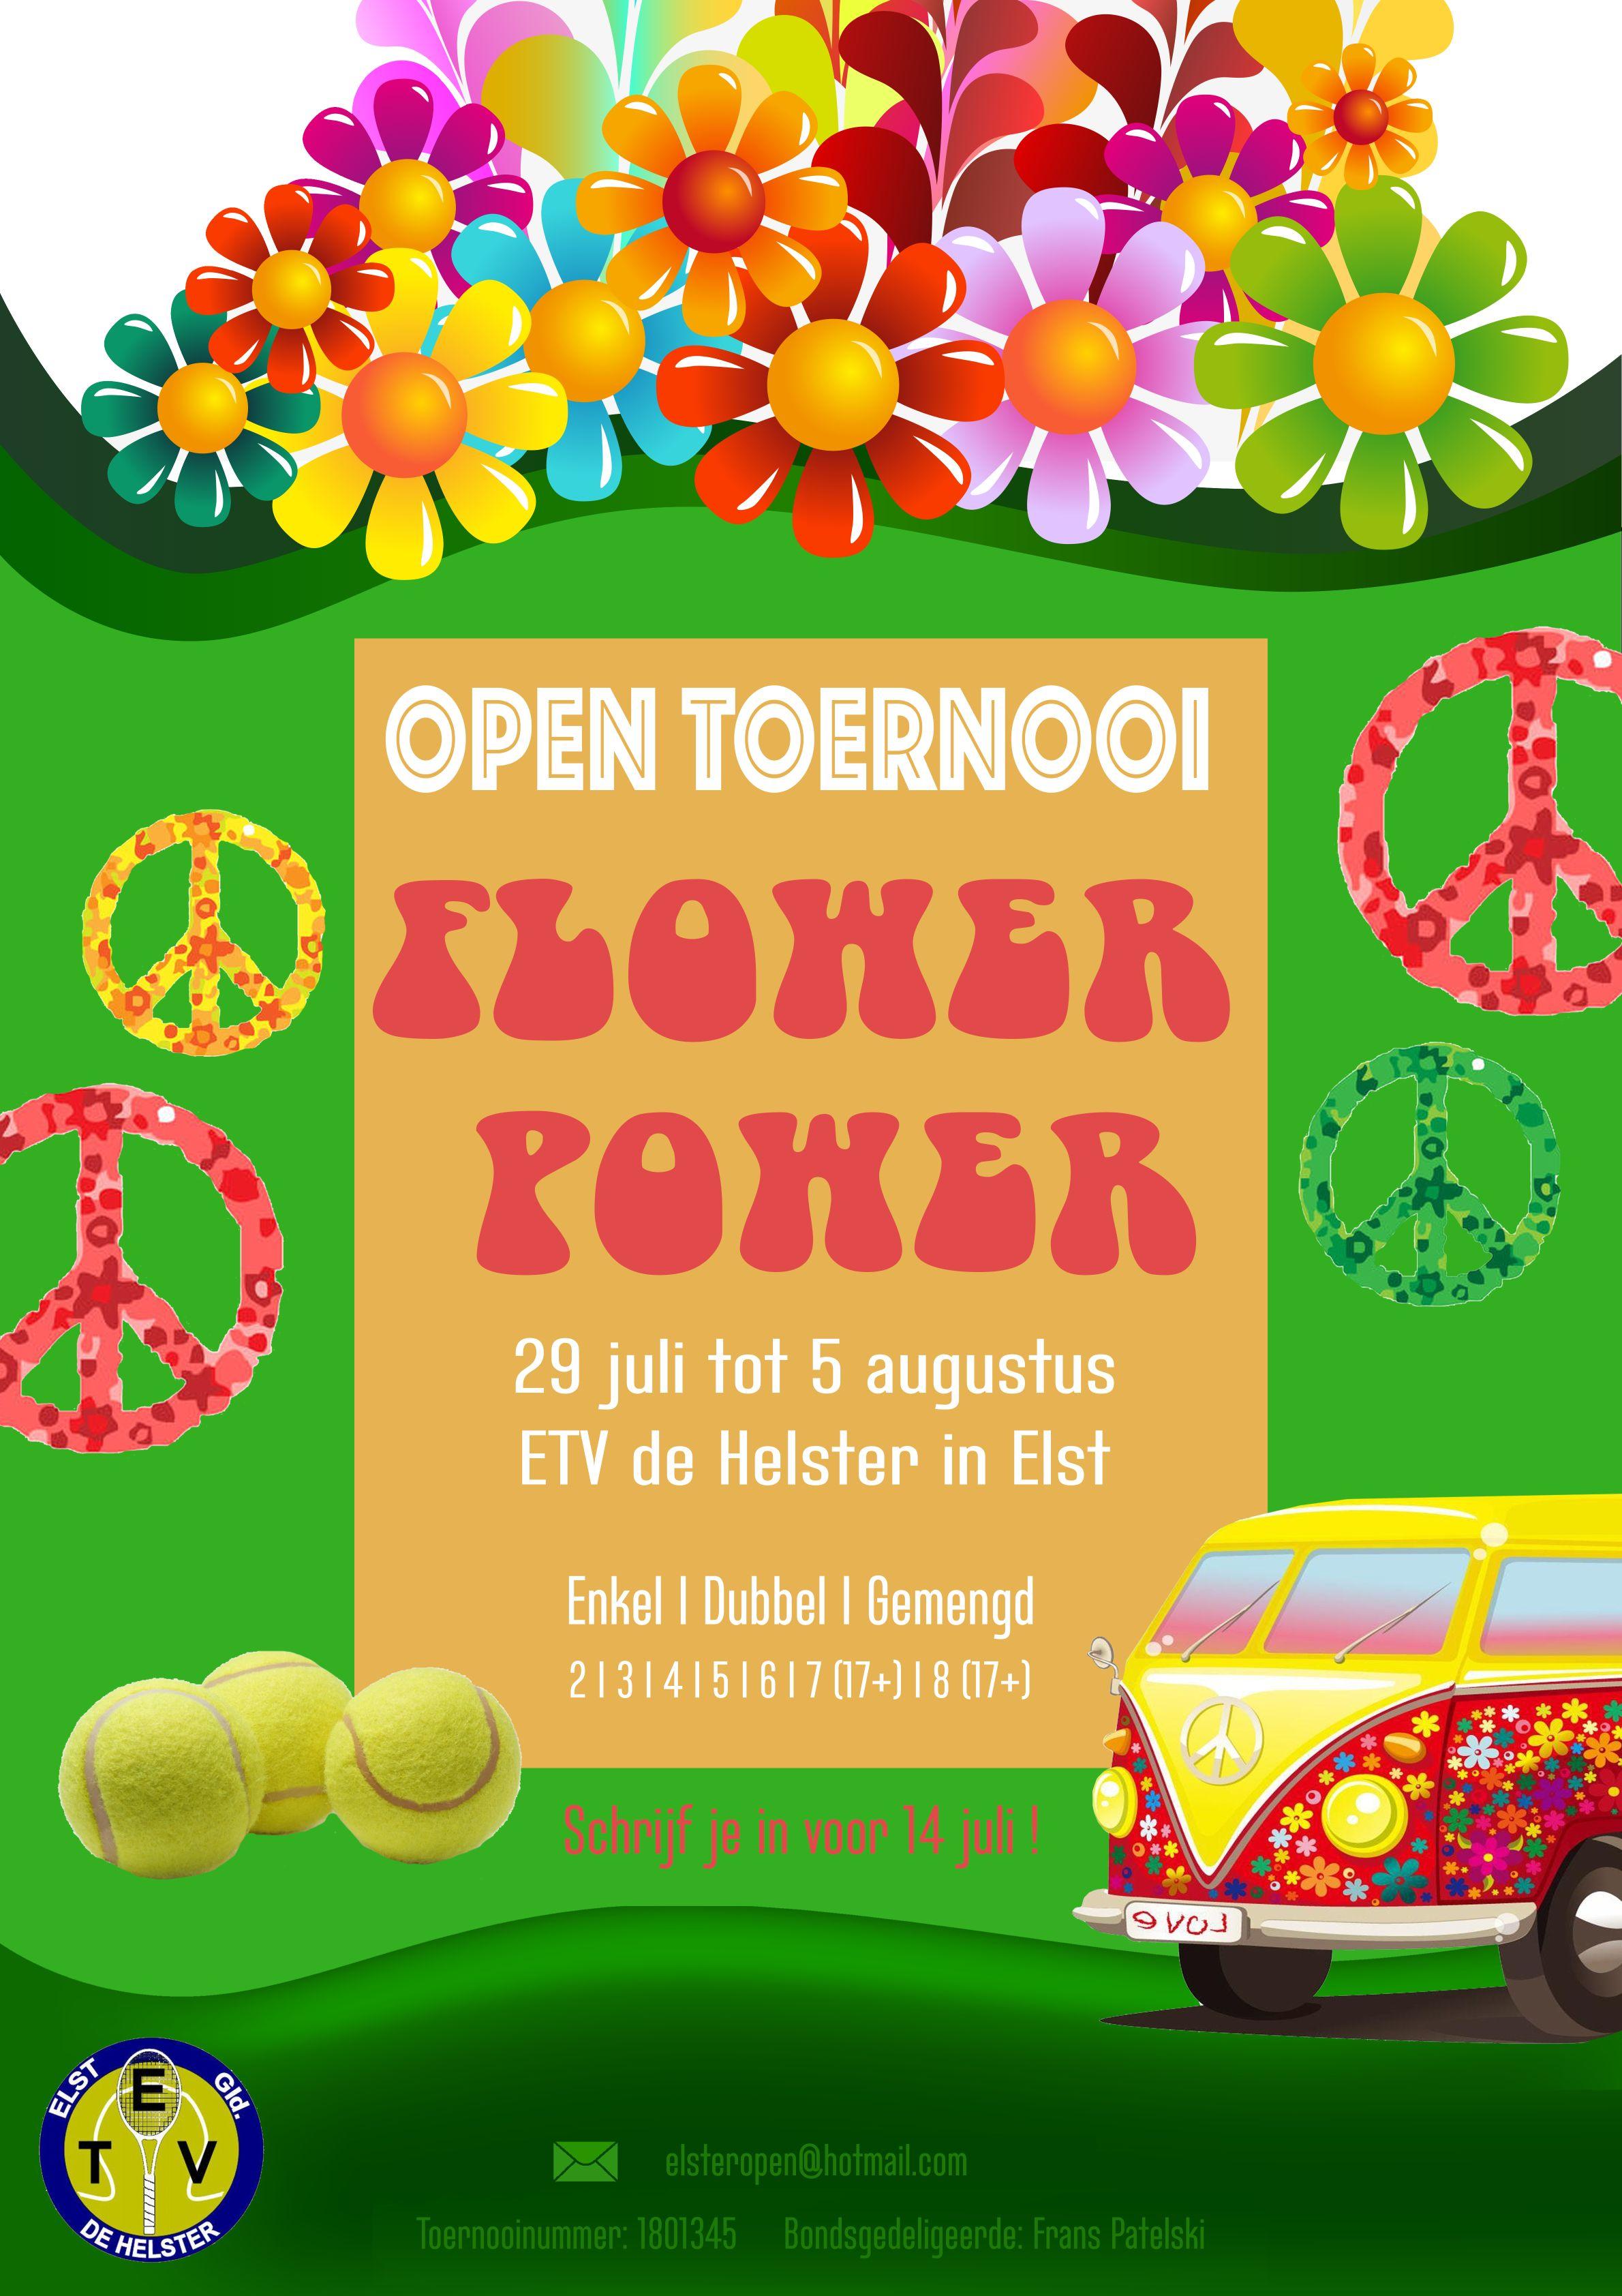 https://www.etvdehelster.nl/site/wp-content/uploads/2018/07/Poster-Flower-power-2018-2.jpg